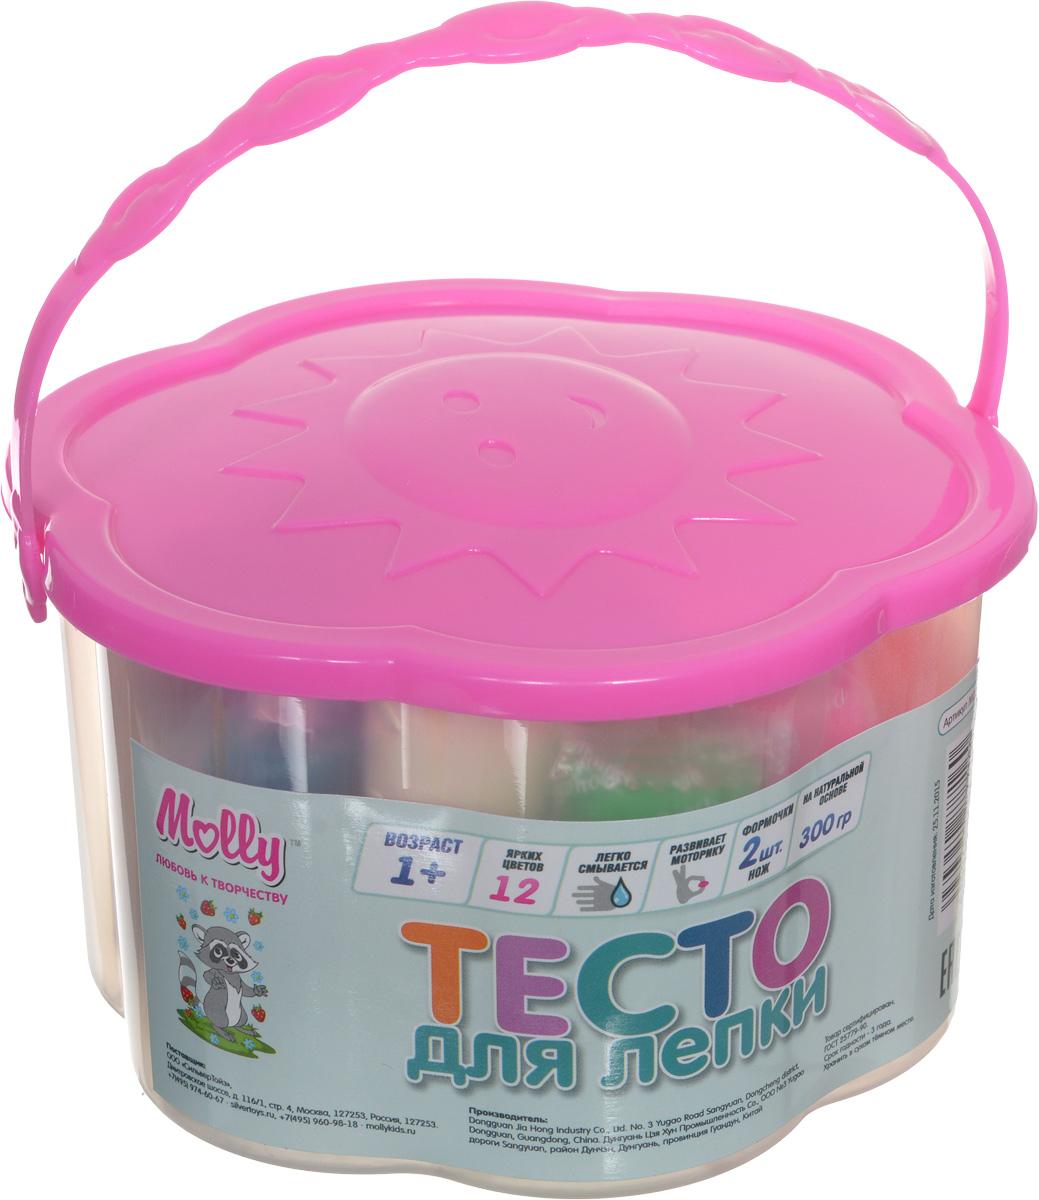 Molly Масса для лепки 12 цветов 2 формочки цвет розовыйM1204_розовыйРазноцветное тесто для лепки Molly прекрасно подходит для обучения детей азам лепки. Тесто пластично, приятно на ощупь и долговечно. Преимущественным отличием теста для лепки Молли является то, что оно не пачкает руки и одежду, легко снимается с поверхности, не окрашивает, может использоваться многократно при условии правильного хранения, безопасно для самых маленьких. Тесто разных цветов хорошо смешивается между собой, благодаря чему можно создавать бесконечное множество оттенков. Натуральные компоненты в составе теста делают его абсолютно безопасным. Тесто не вызывает аллергии, его легко снимать с поверхностей. В наборе две формочки, одна резная форма и 12 цветов теста в индивидуальных упаковках. Набор дополнен пластиковым ножом. Готовые изделия из теста можно украшать бусинами, крупами, семечками, разукрашивать маркерами. Творческие занятия с тестом для лепки развивают мелкую моторику рук, воображение, логику, умение концентрироваться. Маленькие дети от года...